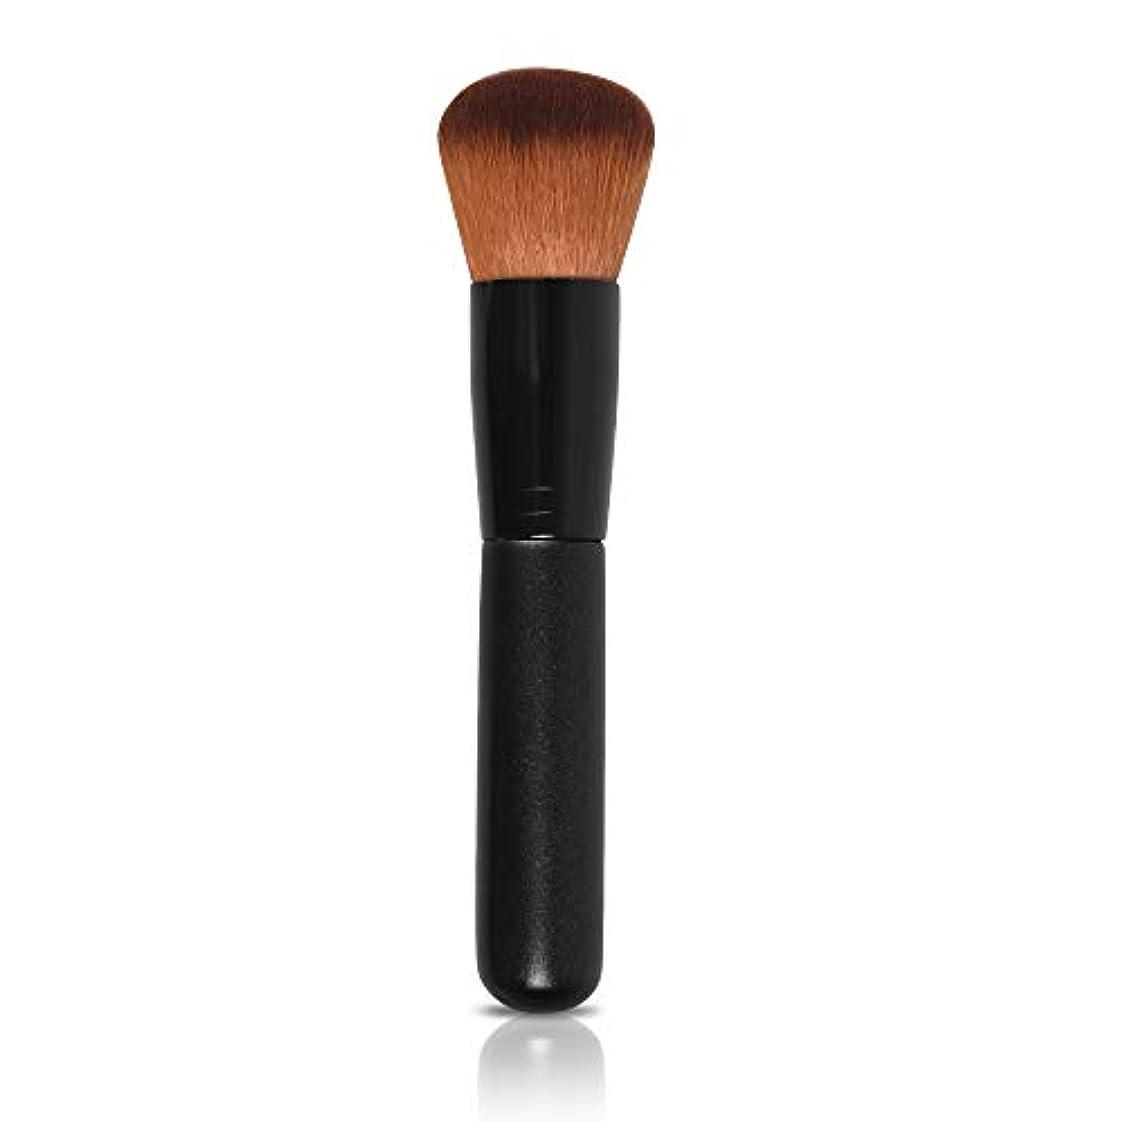 財団切り刻むワックス化粧筆,thsgrt フェイスブラシ ファンデーションブラシ 最高級 メイクブラシ 高品質 優しい肌触り 化粧ブラシ パウダー&チークブラシ